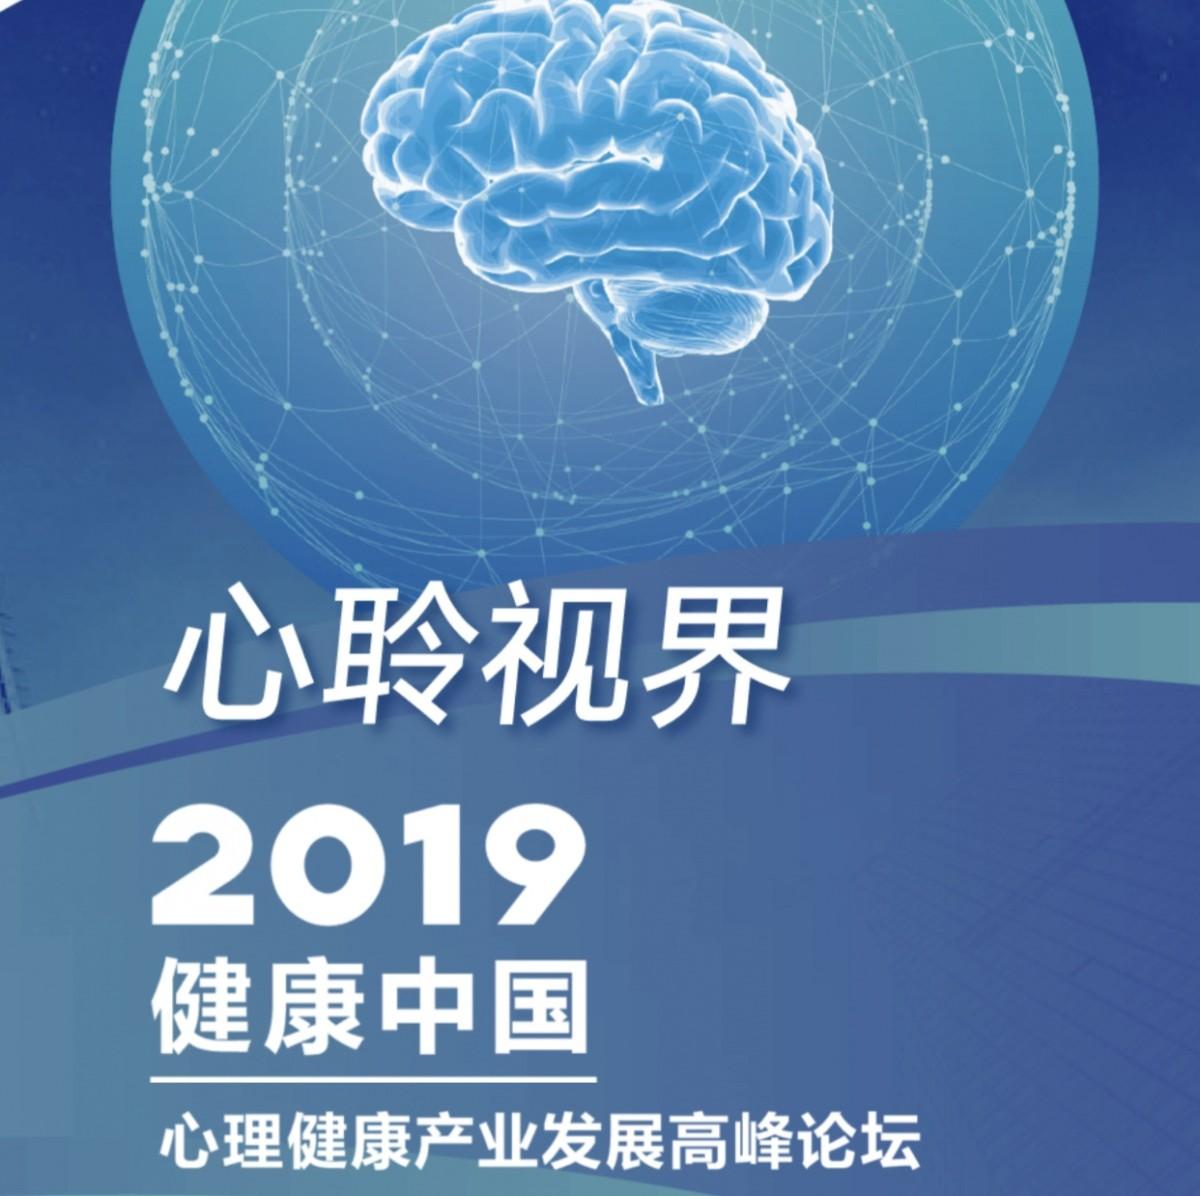 心聆视界·2019健康中国心理健康产业发展高峰论坛将在京举办